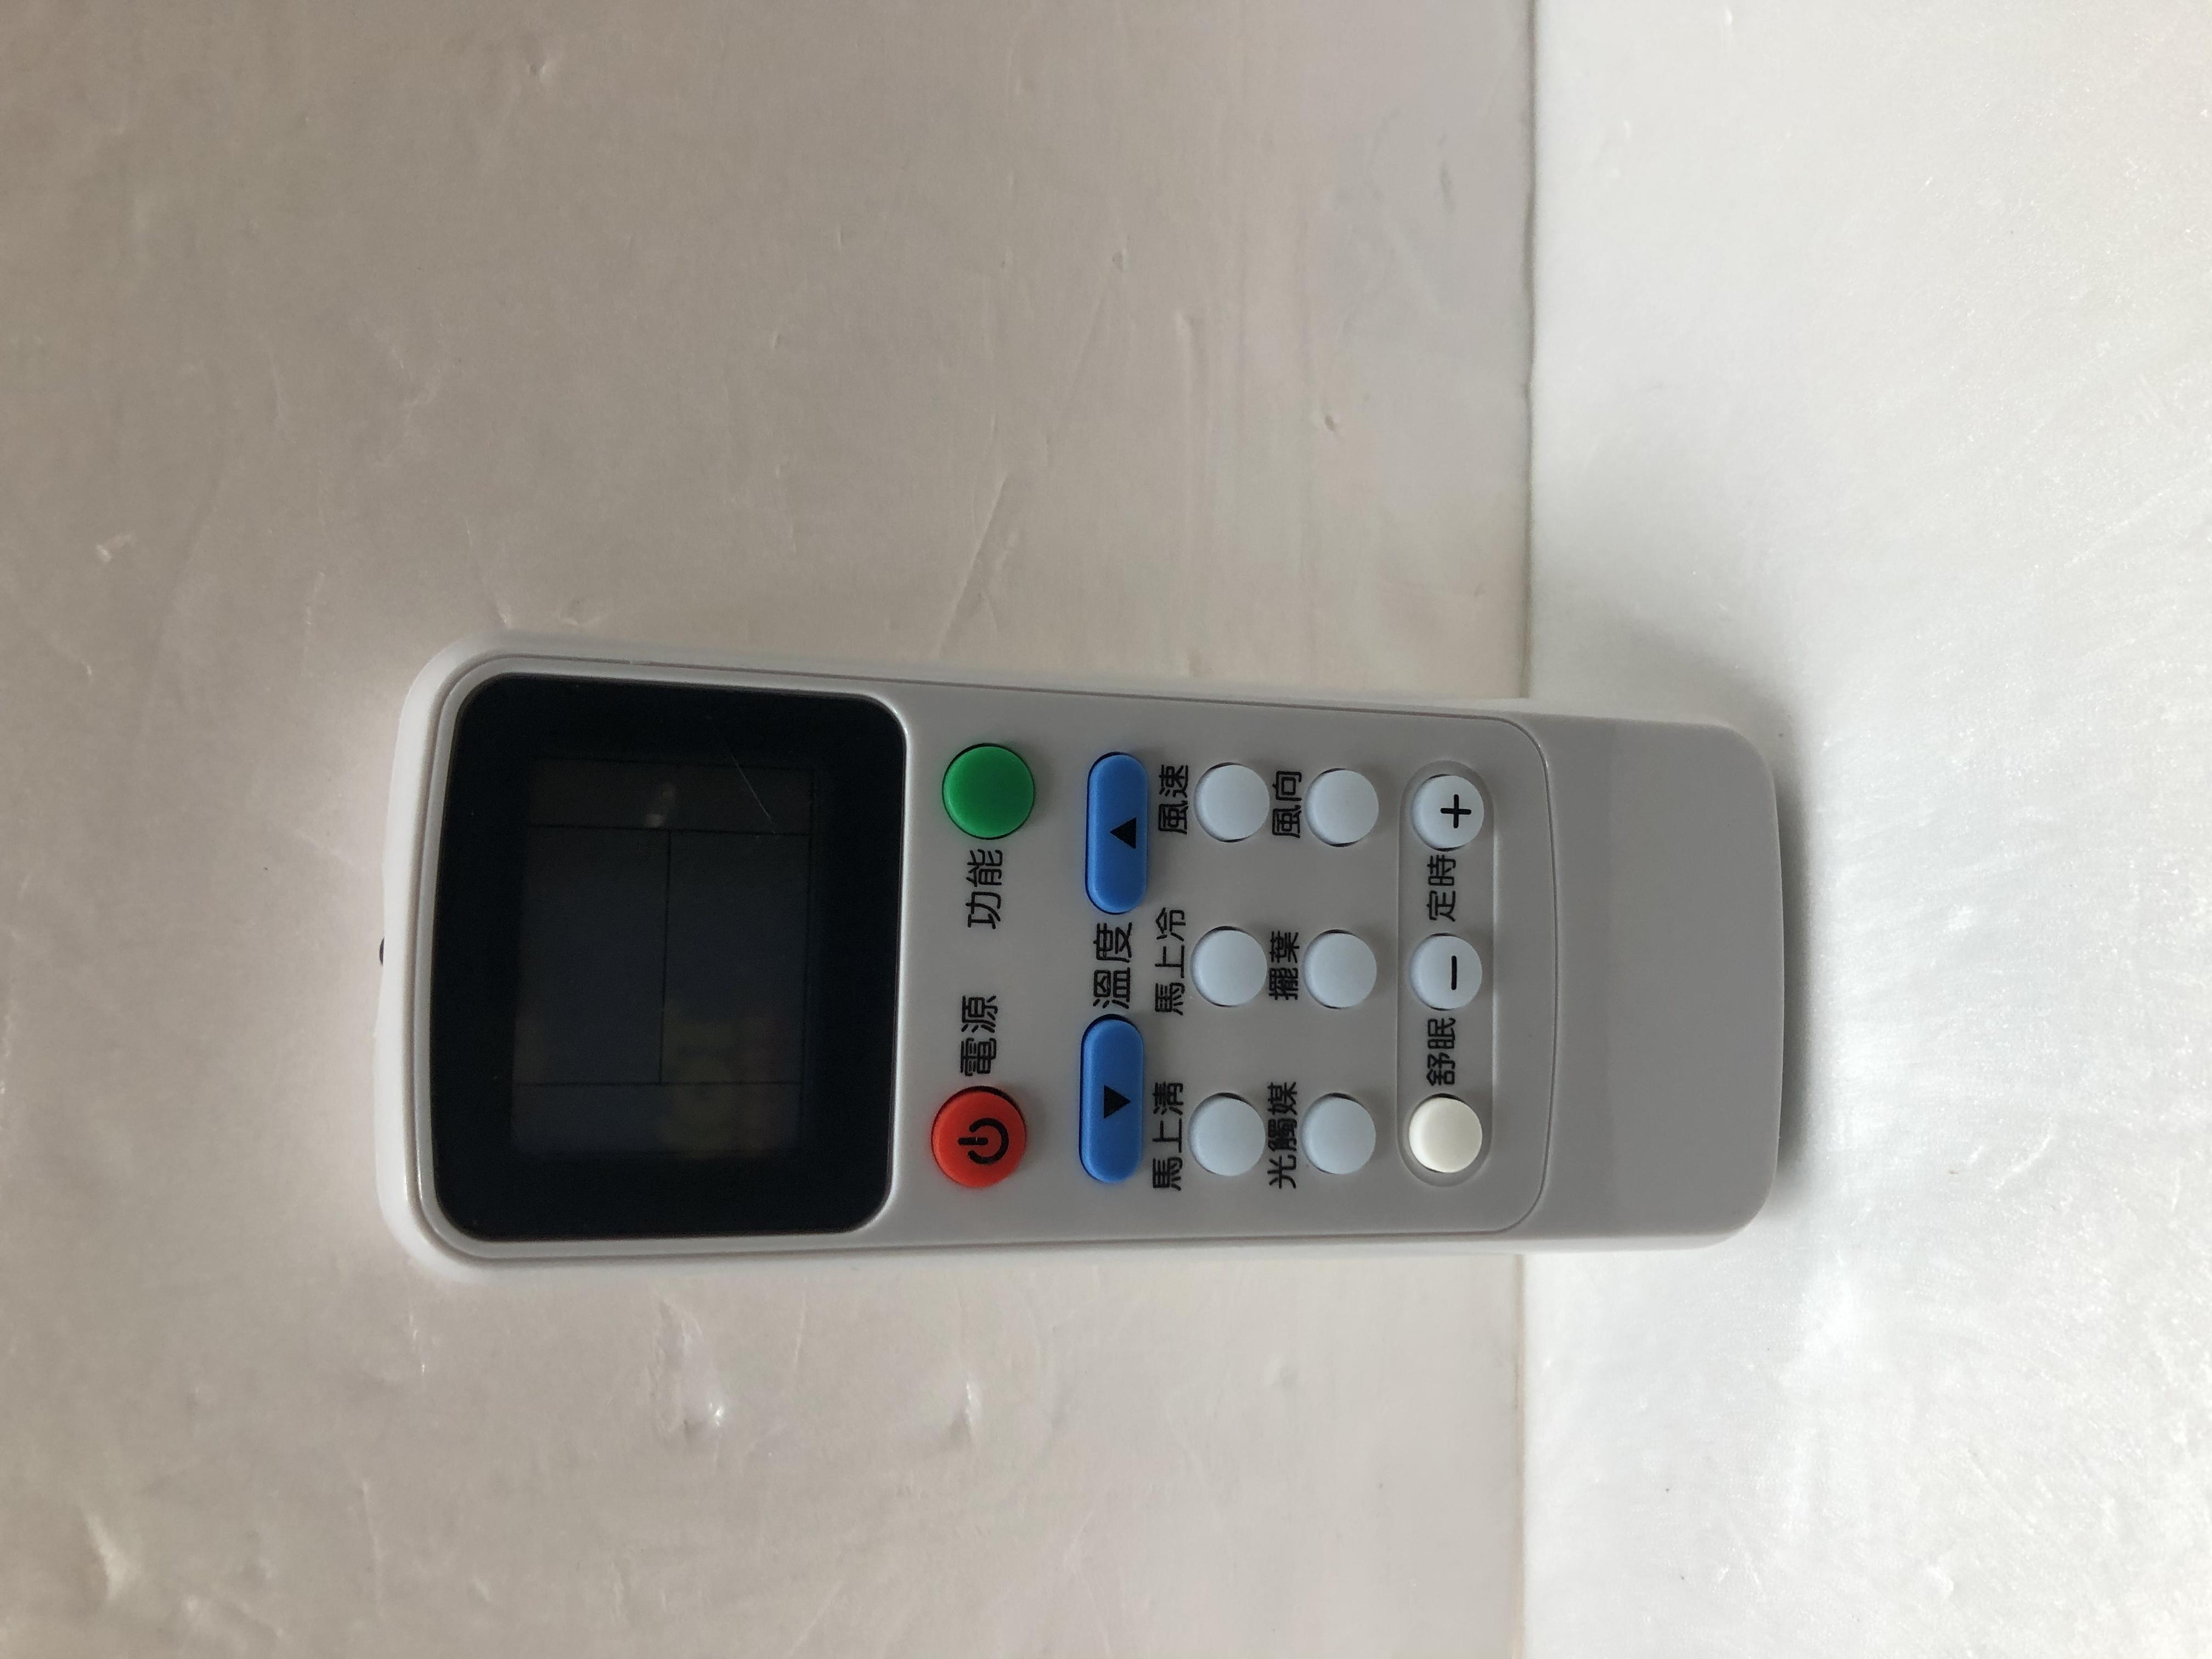 iH 歌林 冷氣專用遙控器 - IH-COL05